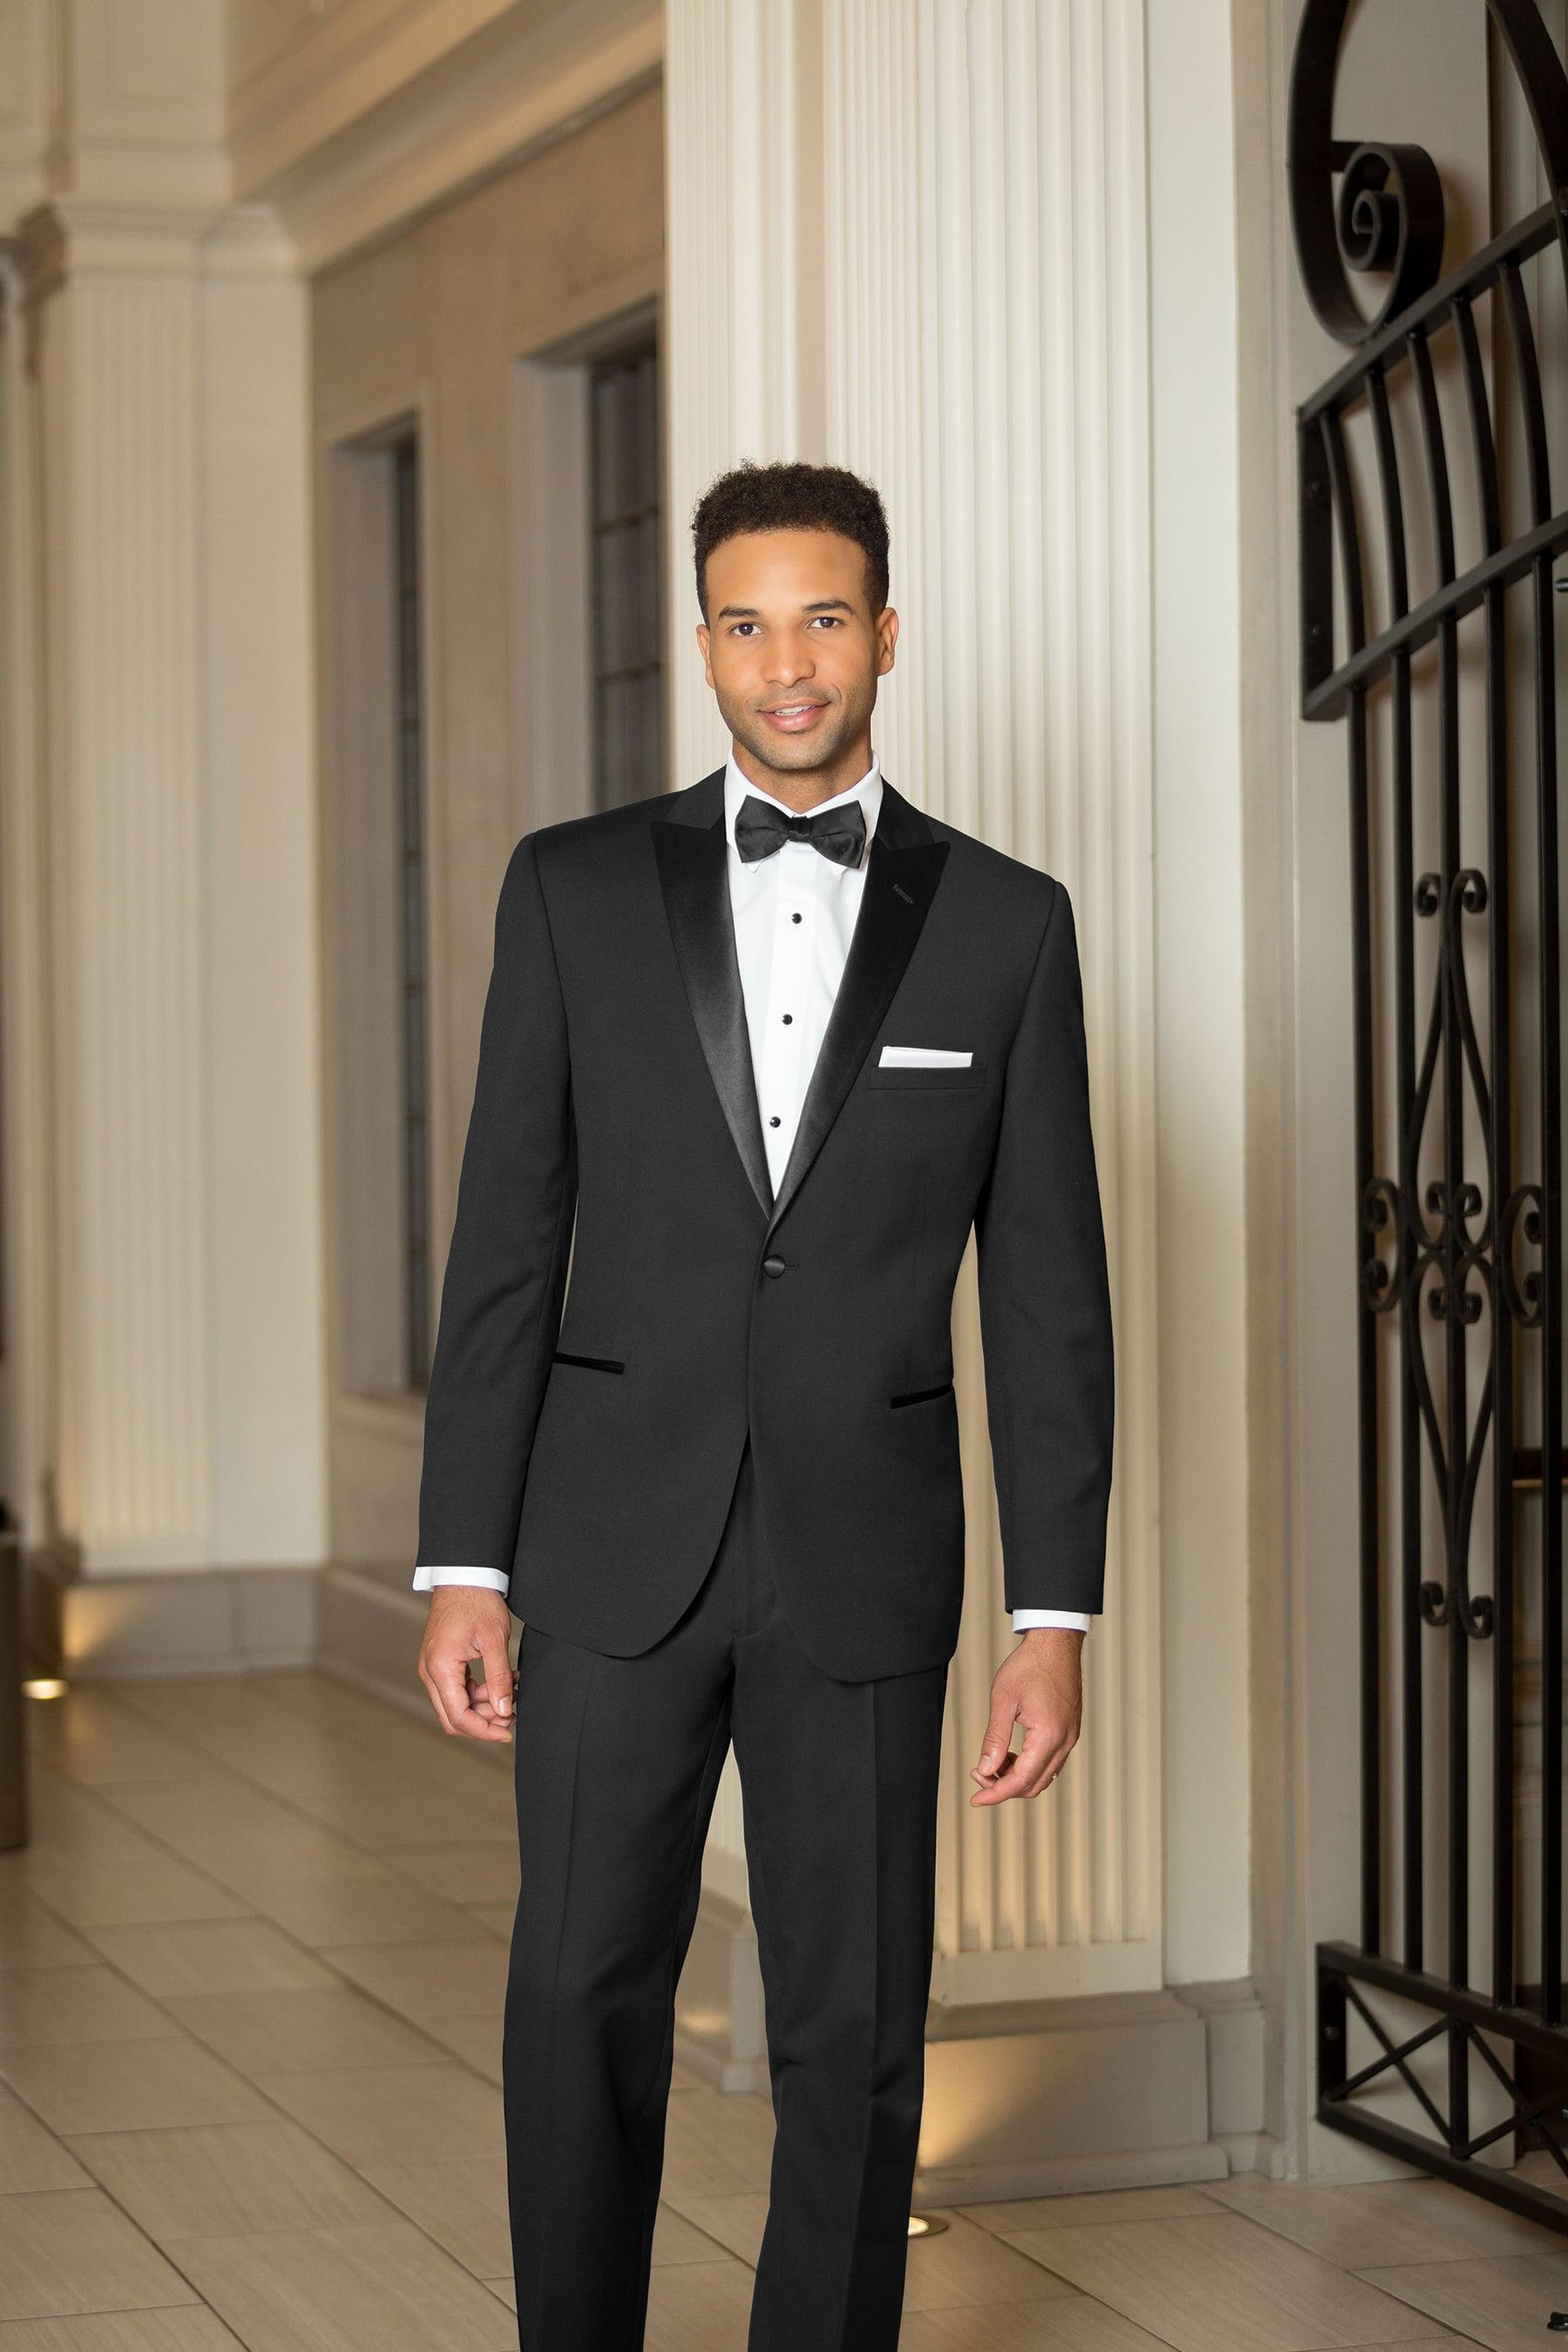 men's formal wear